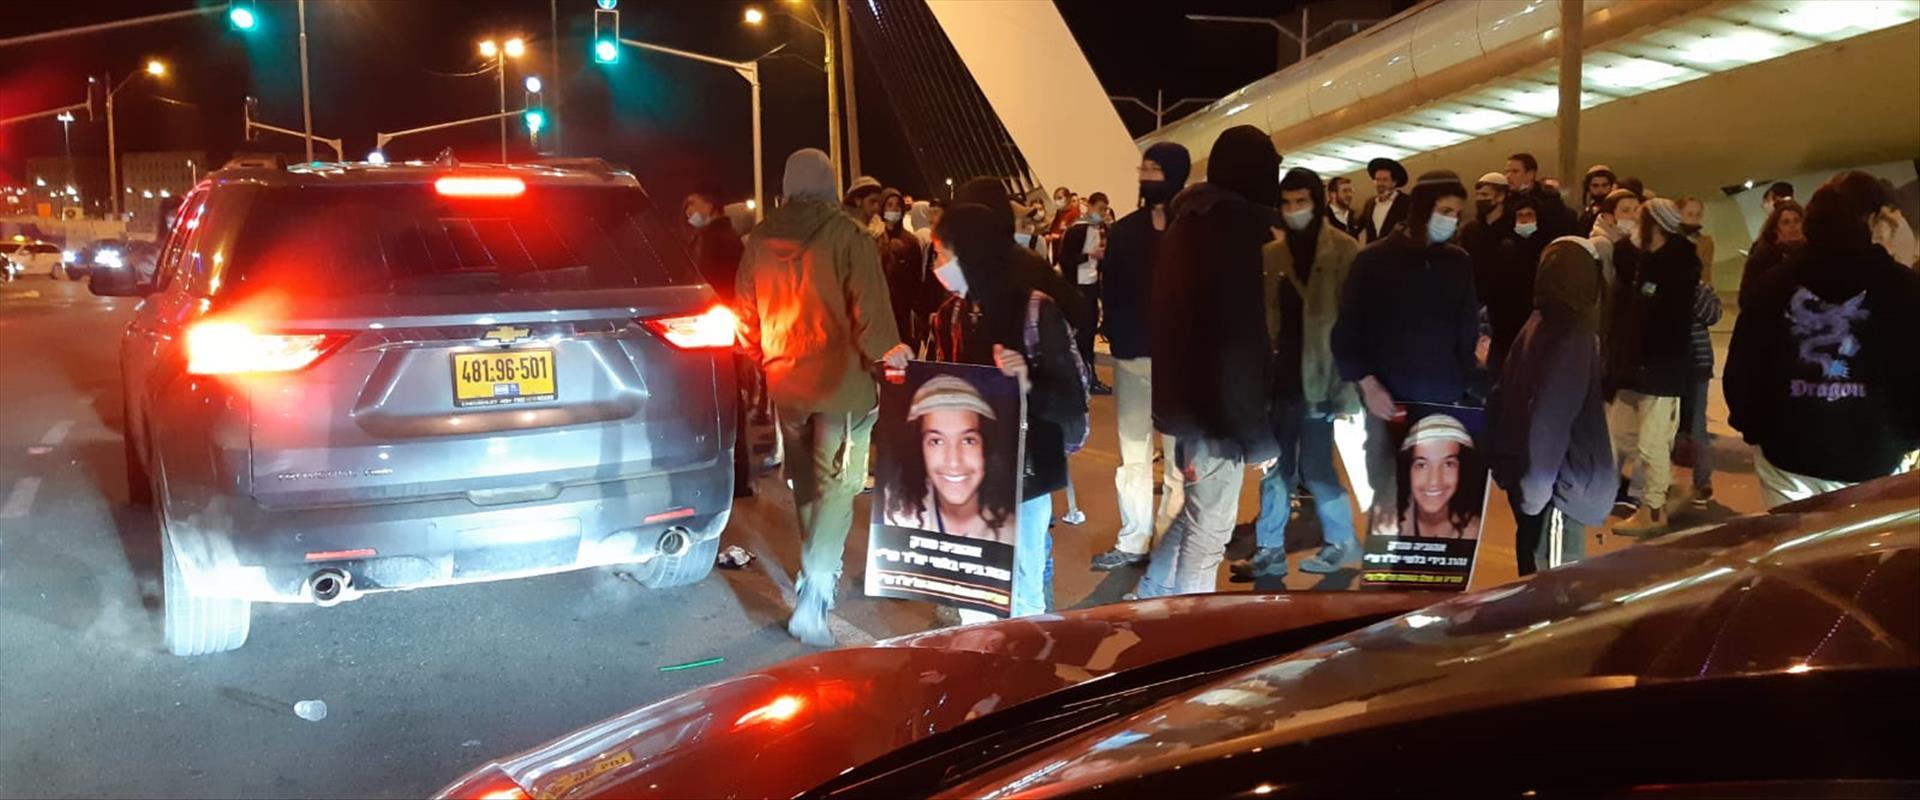 ההפגנה בגשר המיתרים, הערב